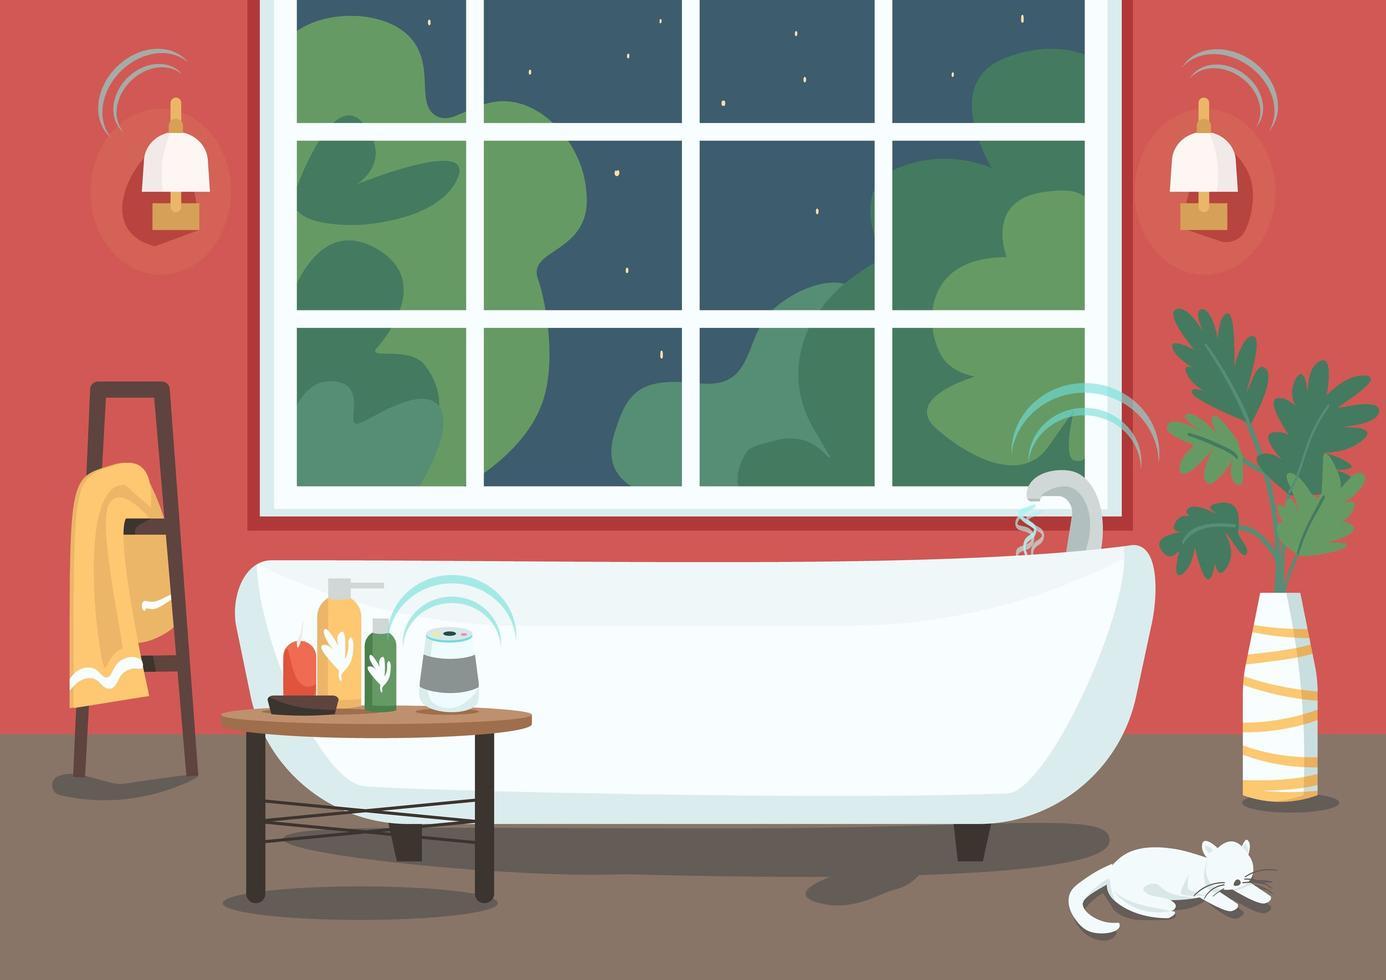 smart badkar med avlägset vattenflöde vektor